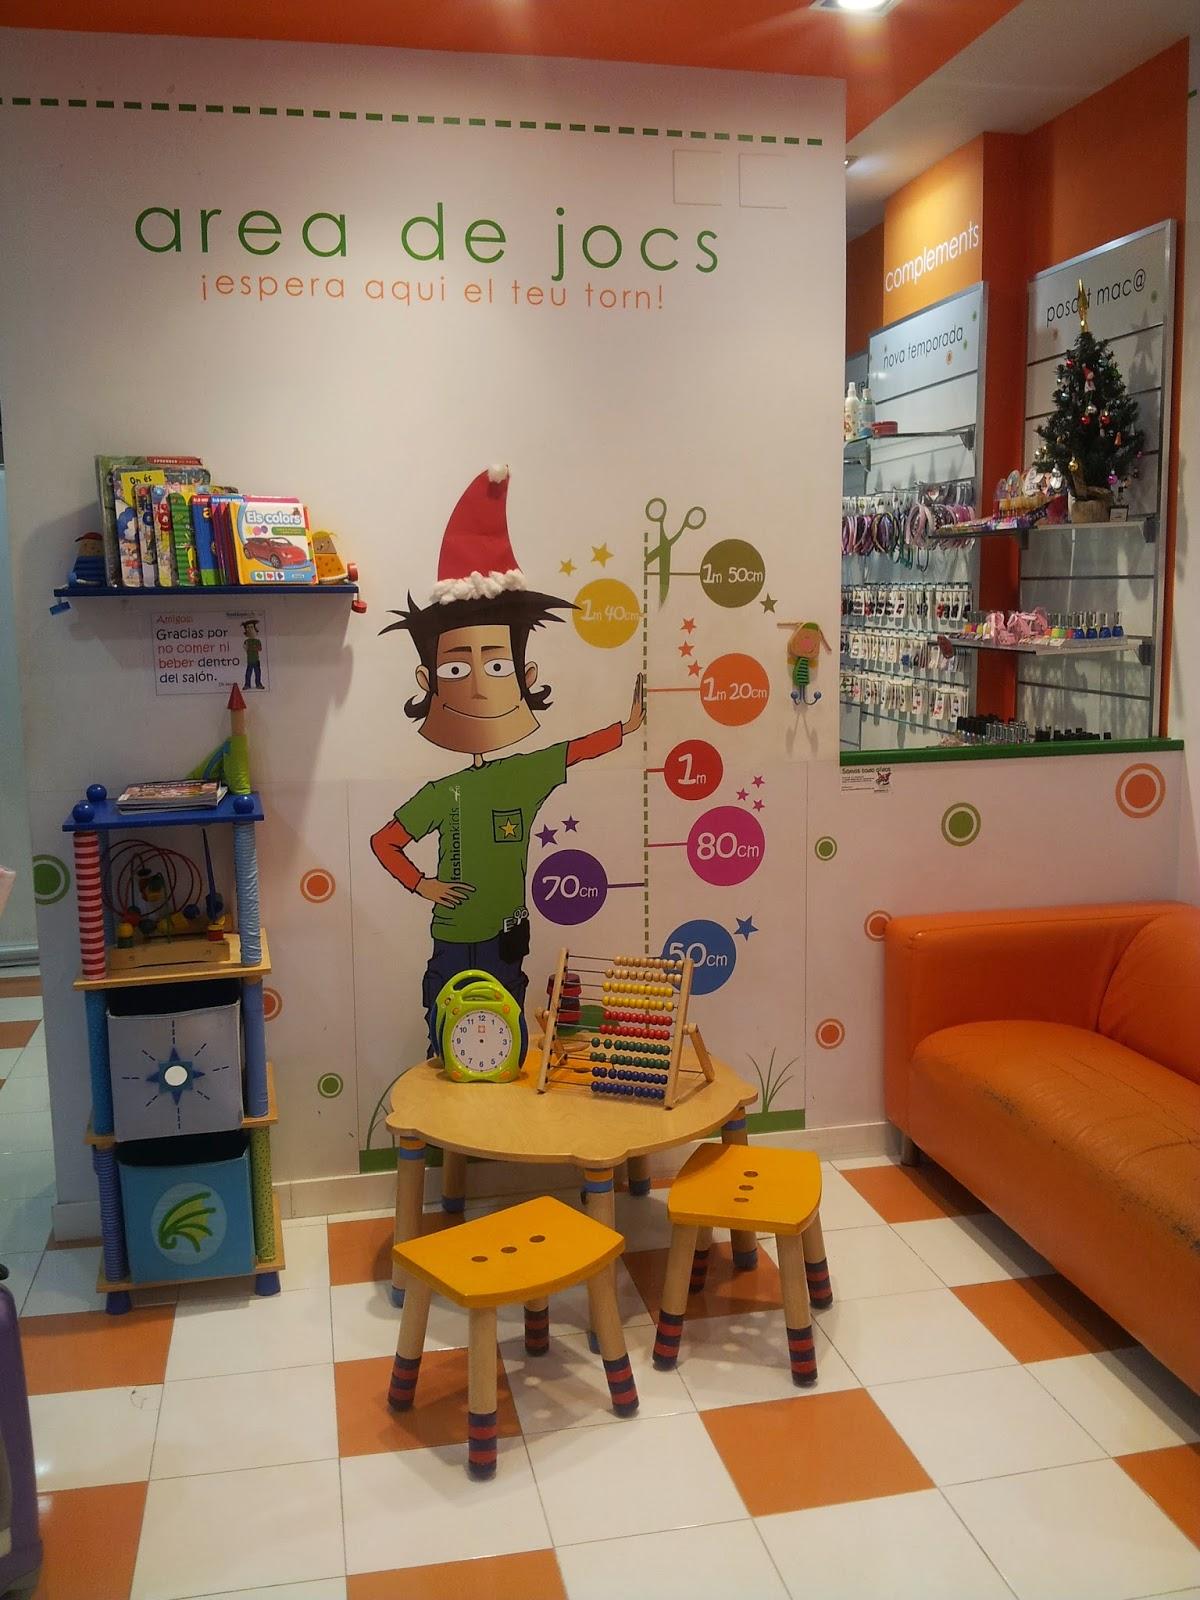 Juegos CORTAR el PELO a FAMOSOS - Juegos De Cortar El Pelo A Niños